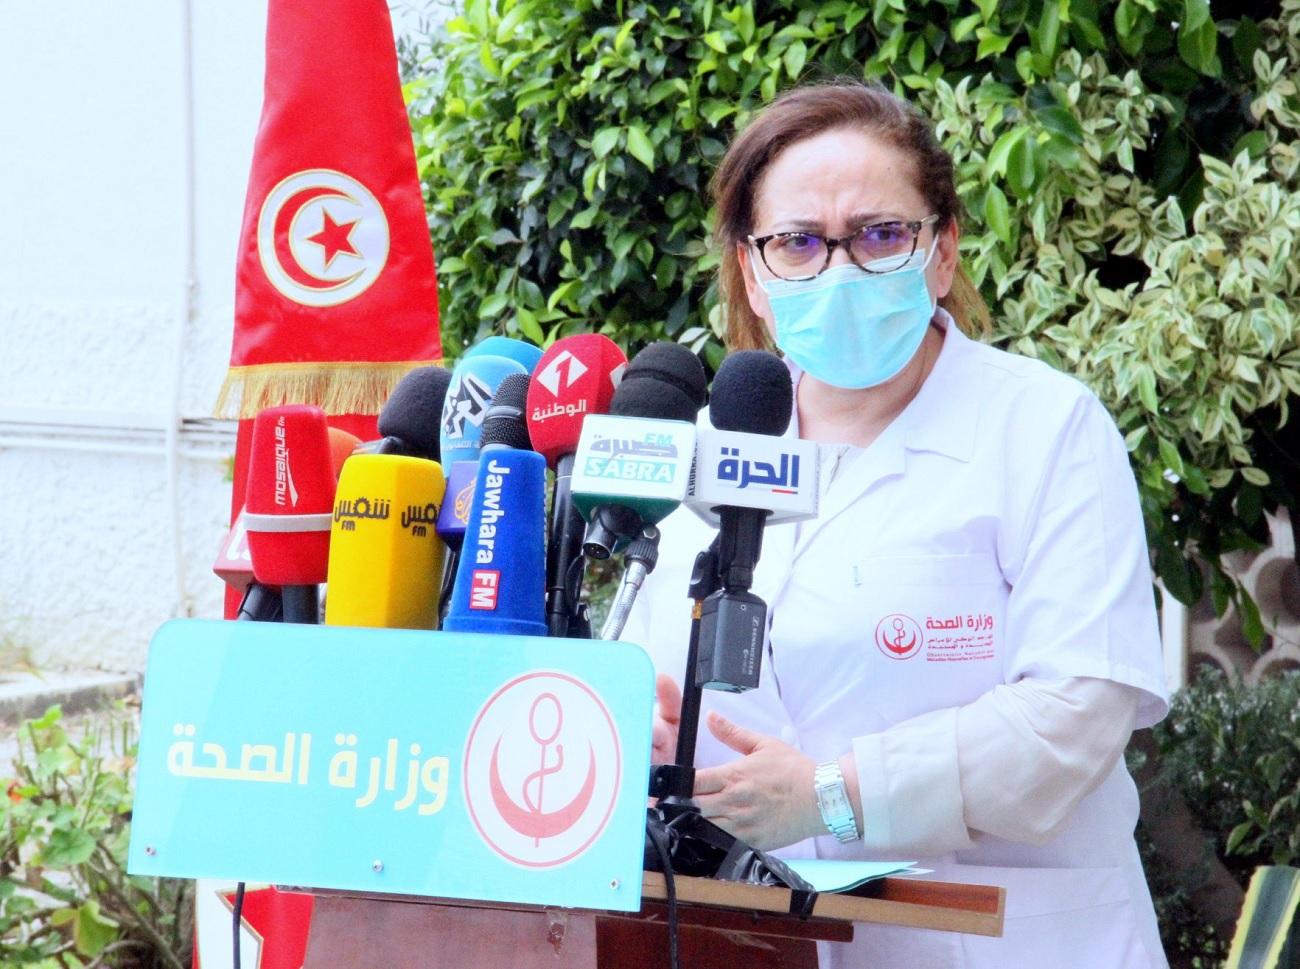 Tunisie-Nissaf Ben Alaya: La situation sanitaire est très dangereuse!